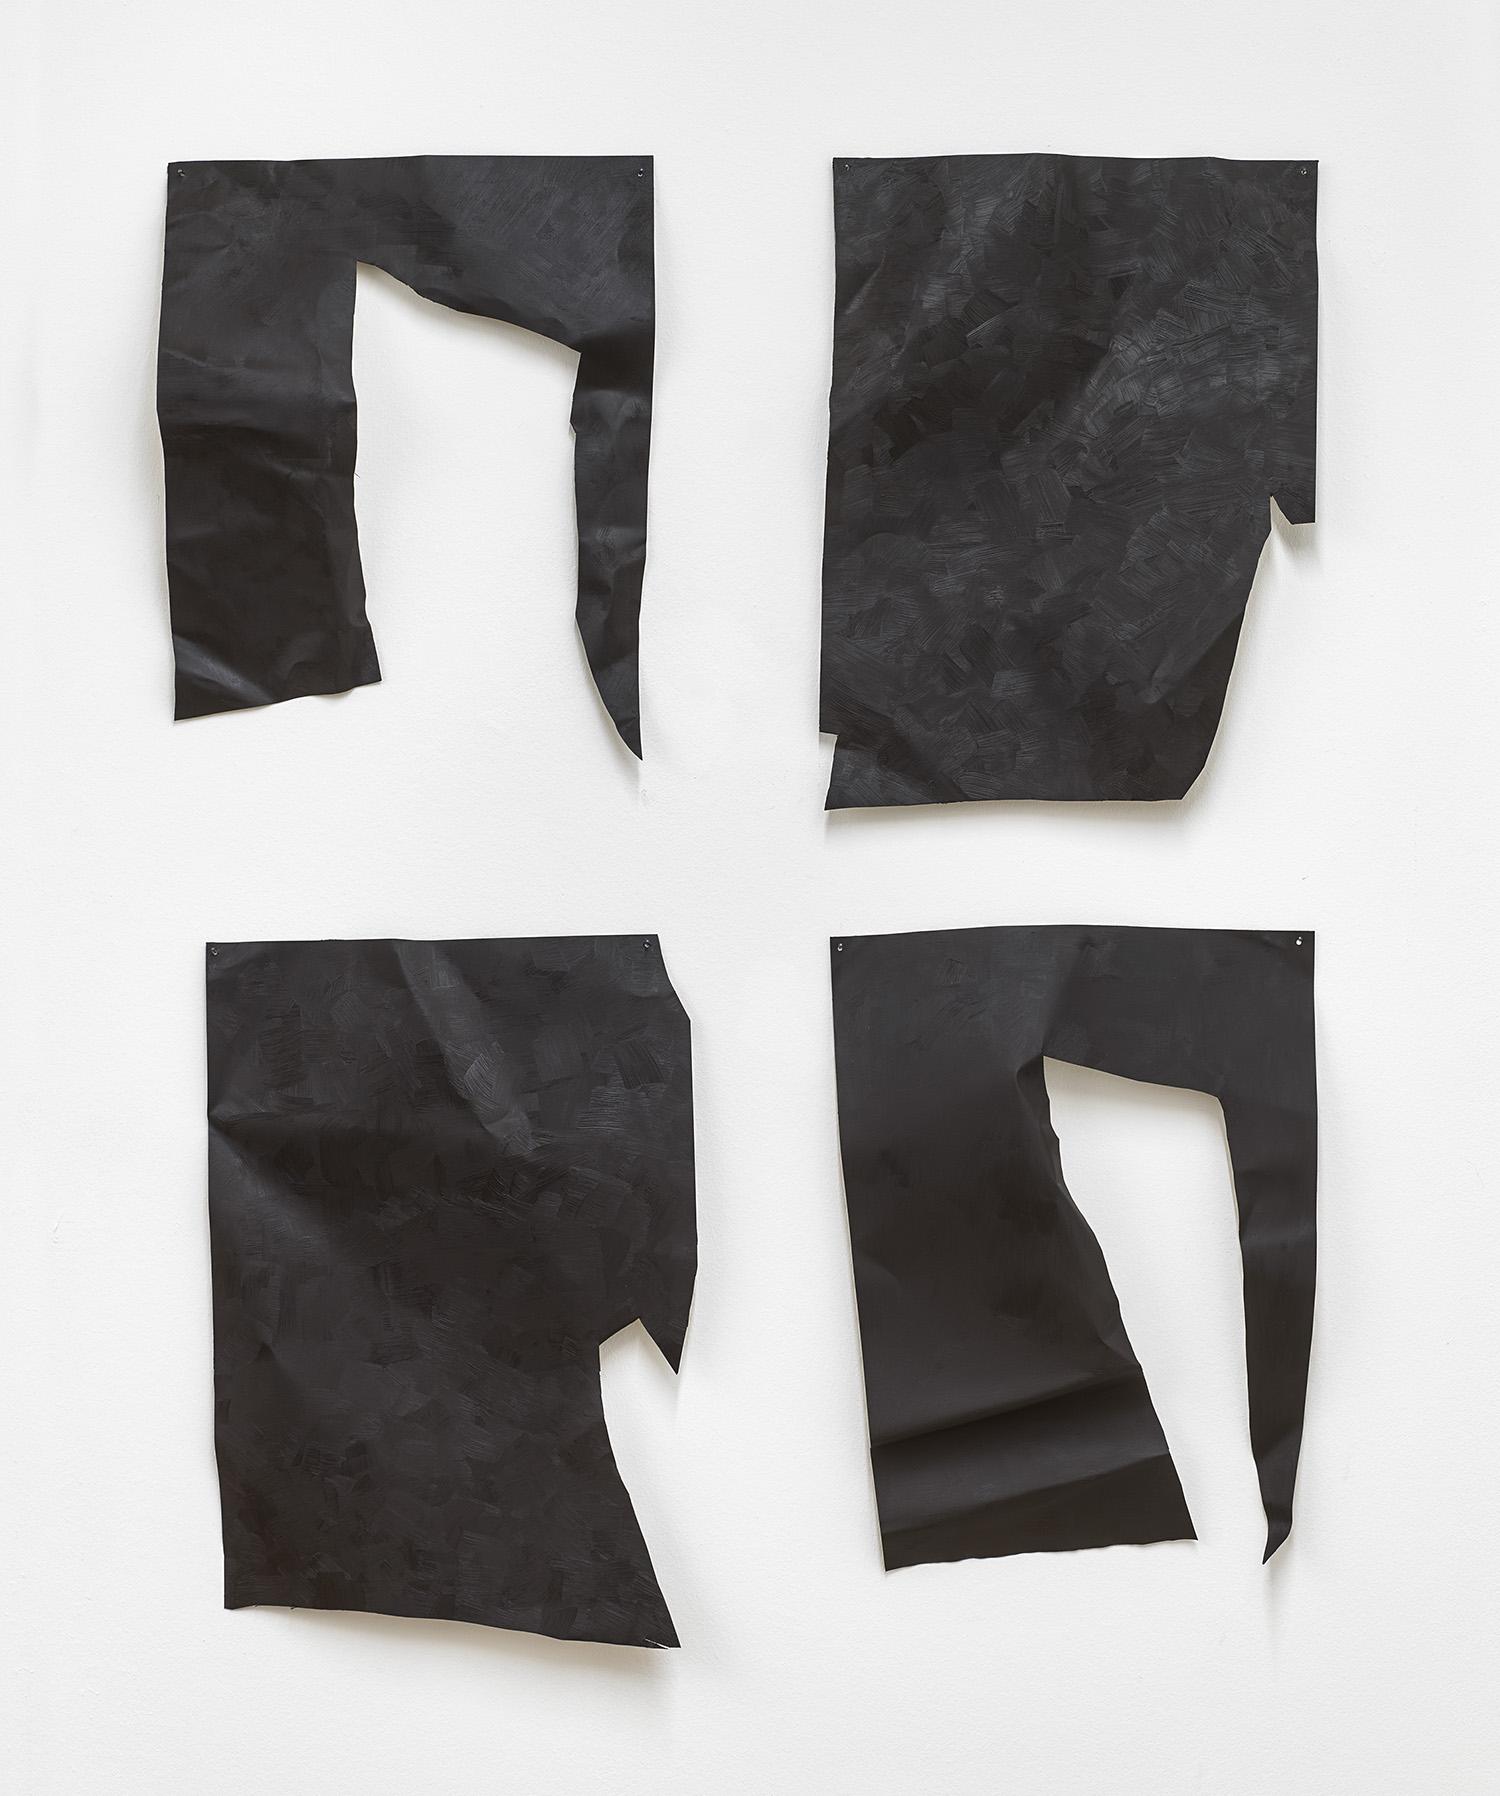 entfesselt | 2009 | Öl auf Aluminium, vierteilig |150 x 110 x 8 cm | x